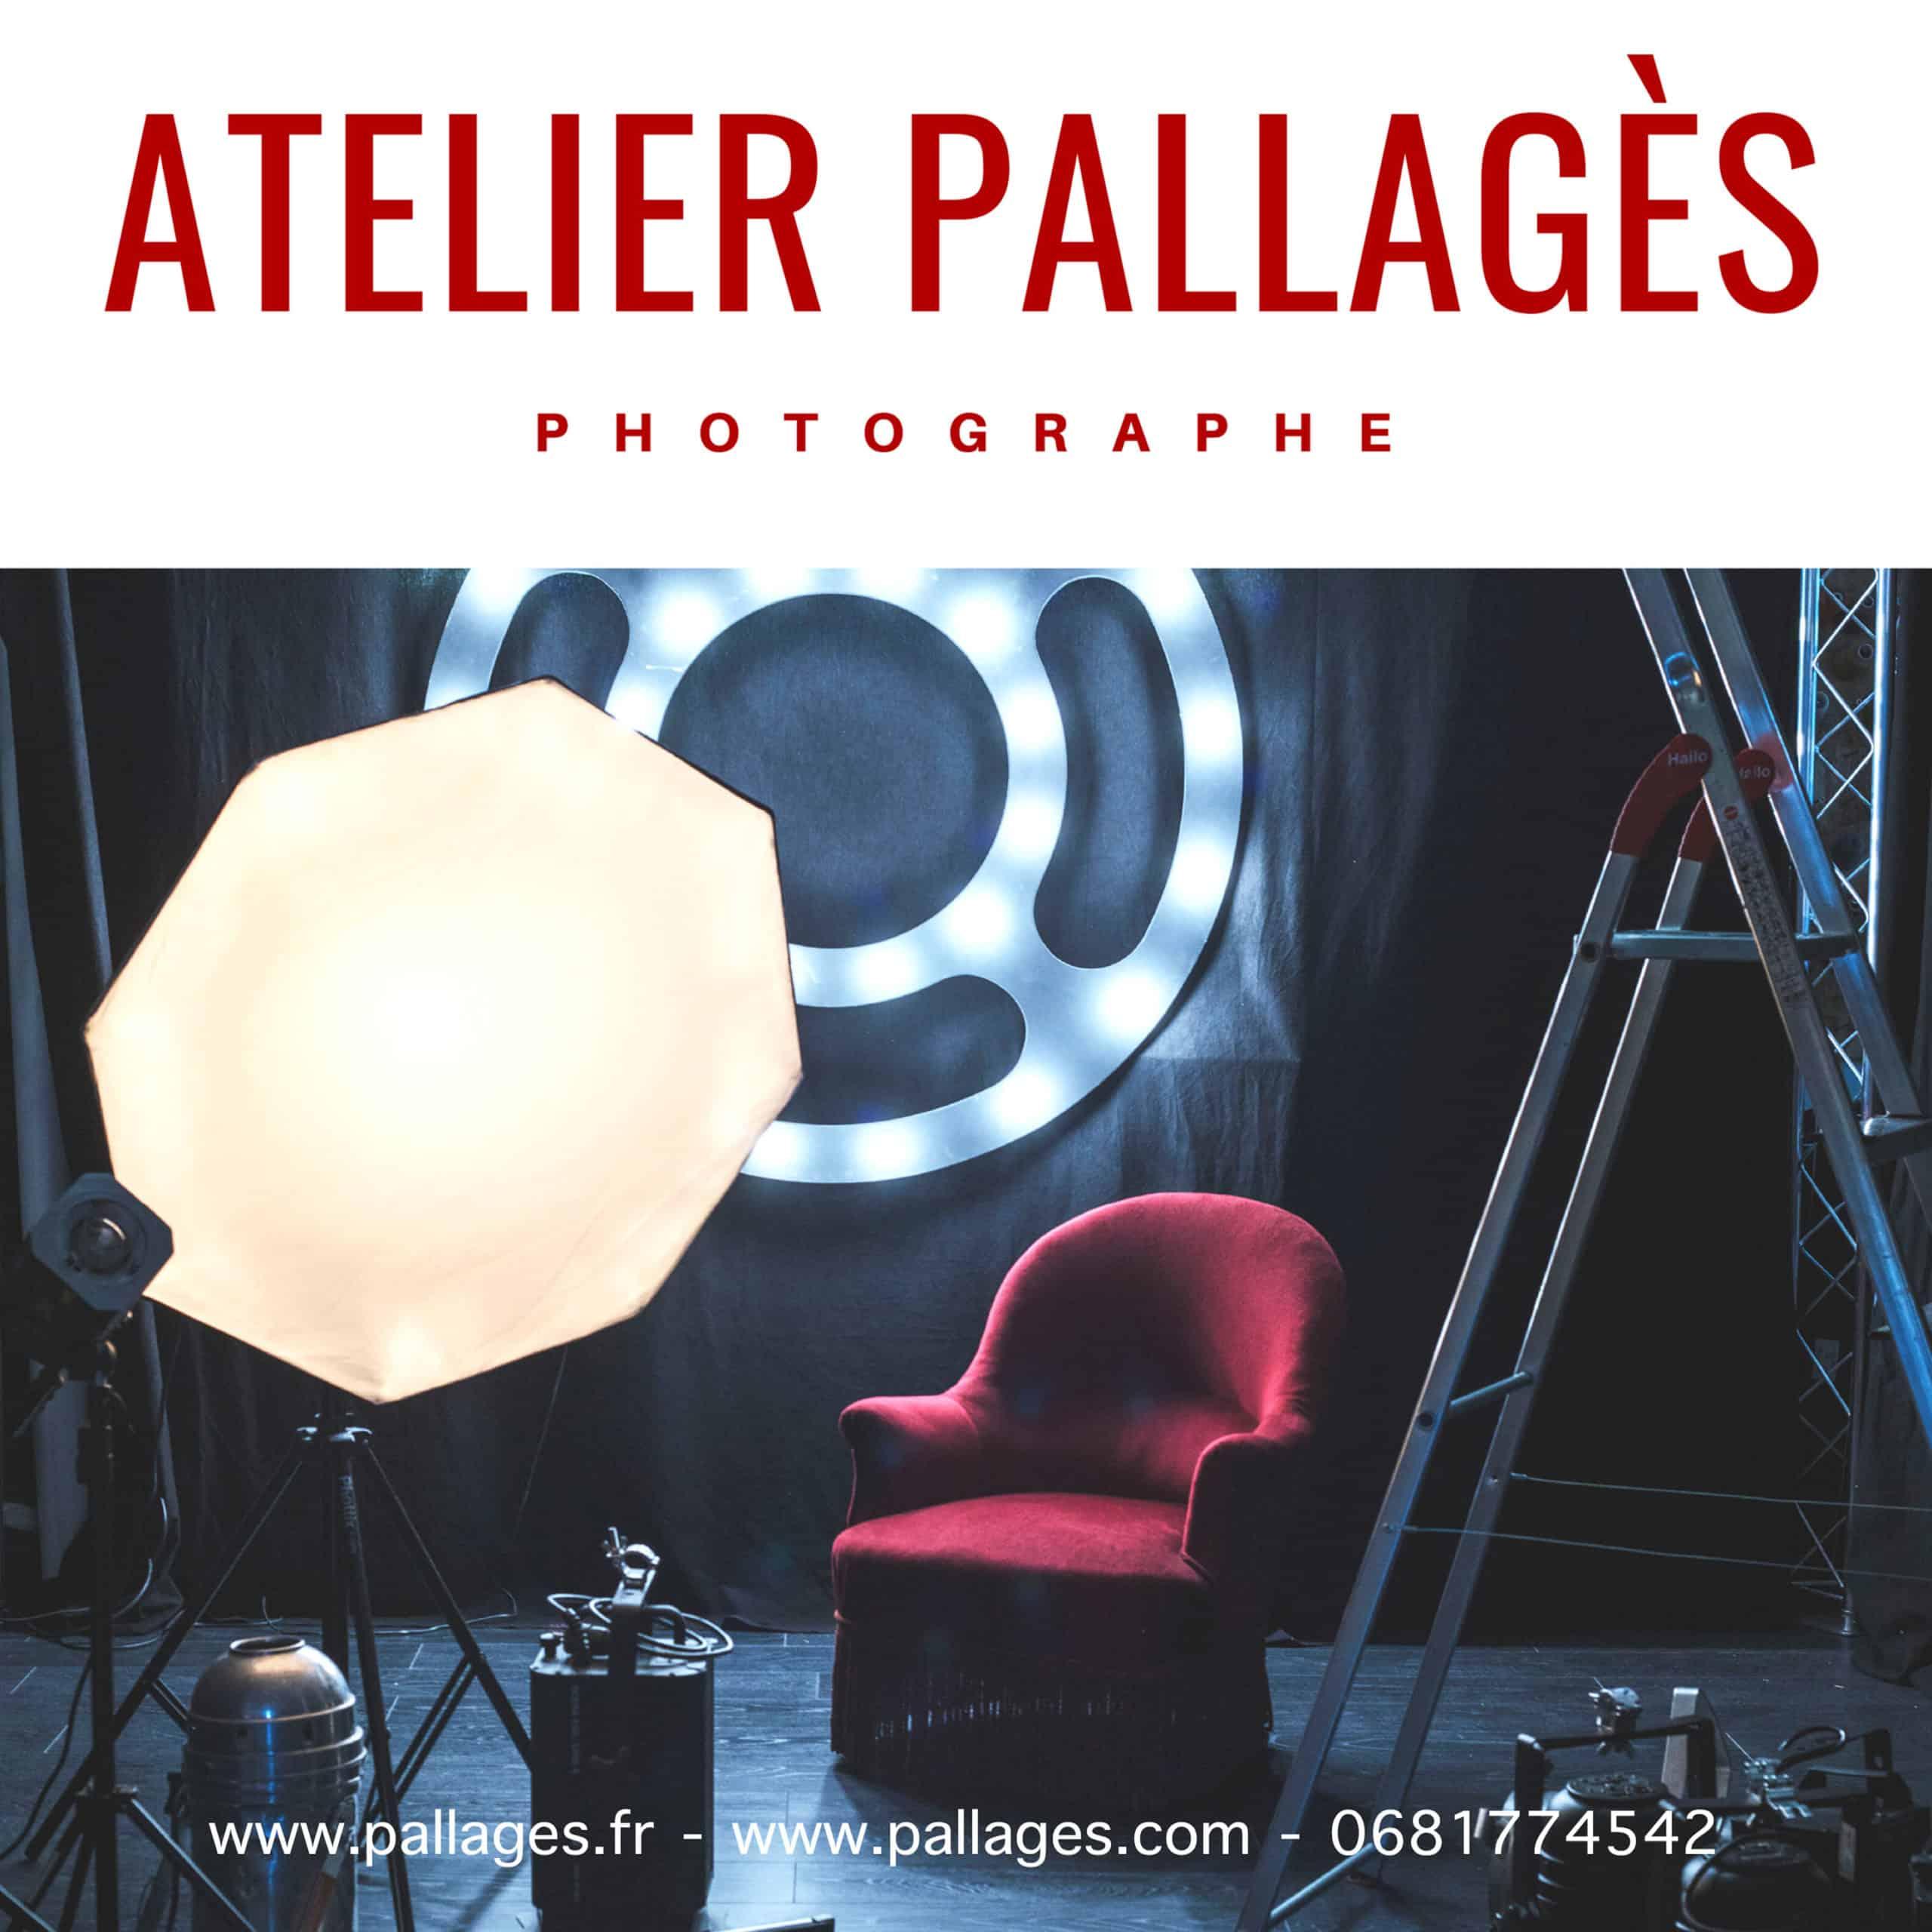 Atelier Pallagès